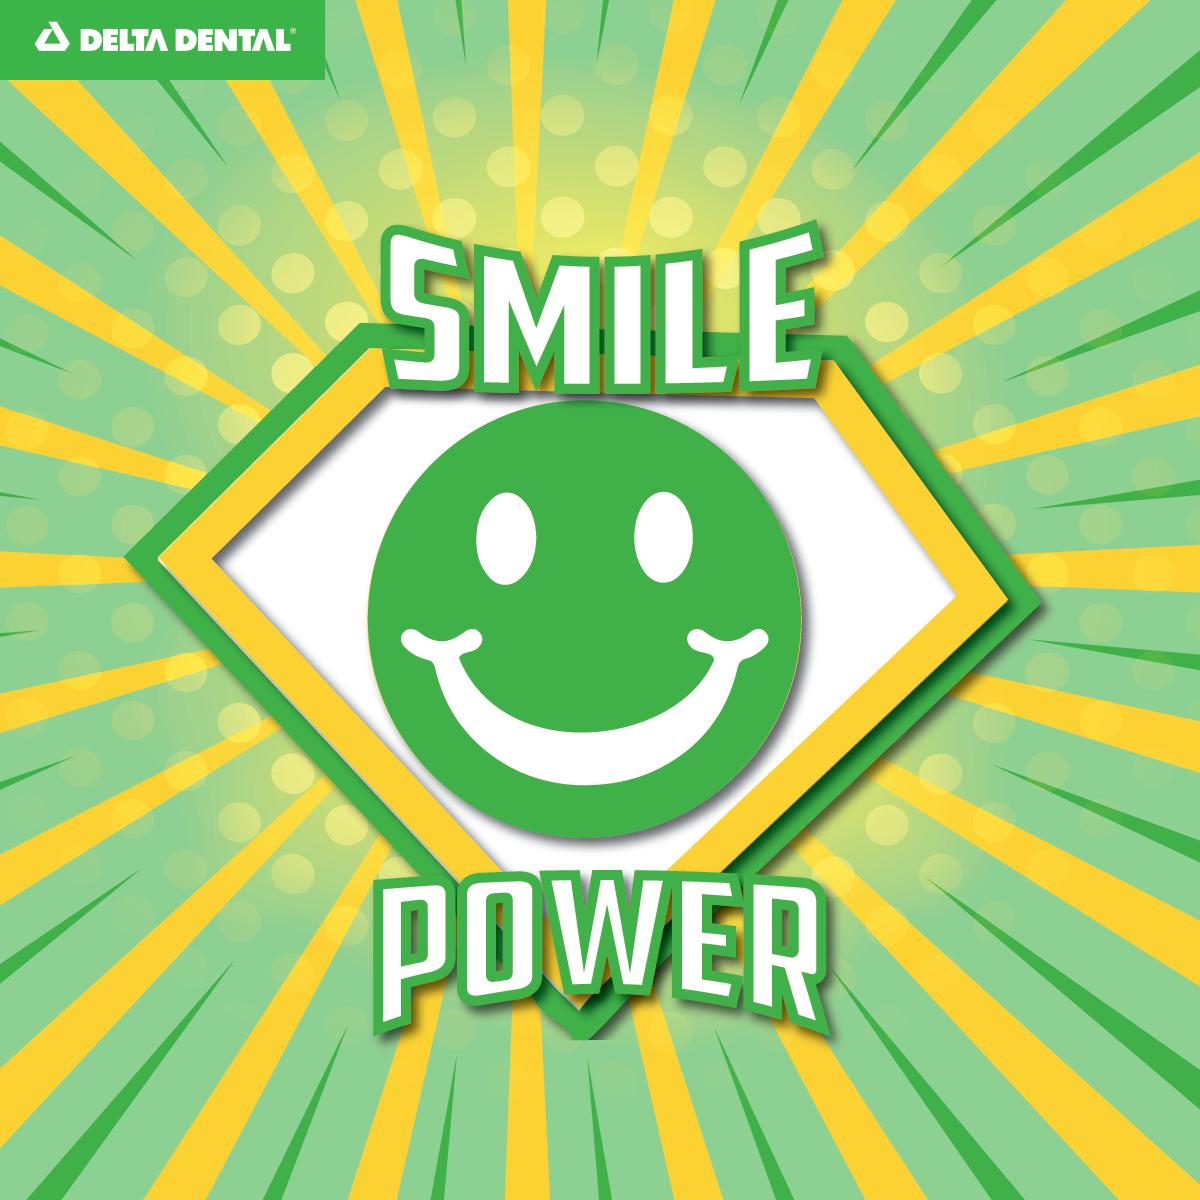 Smile Power Day Deltadental Dental Insurance Plans Dental